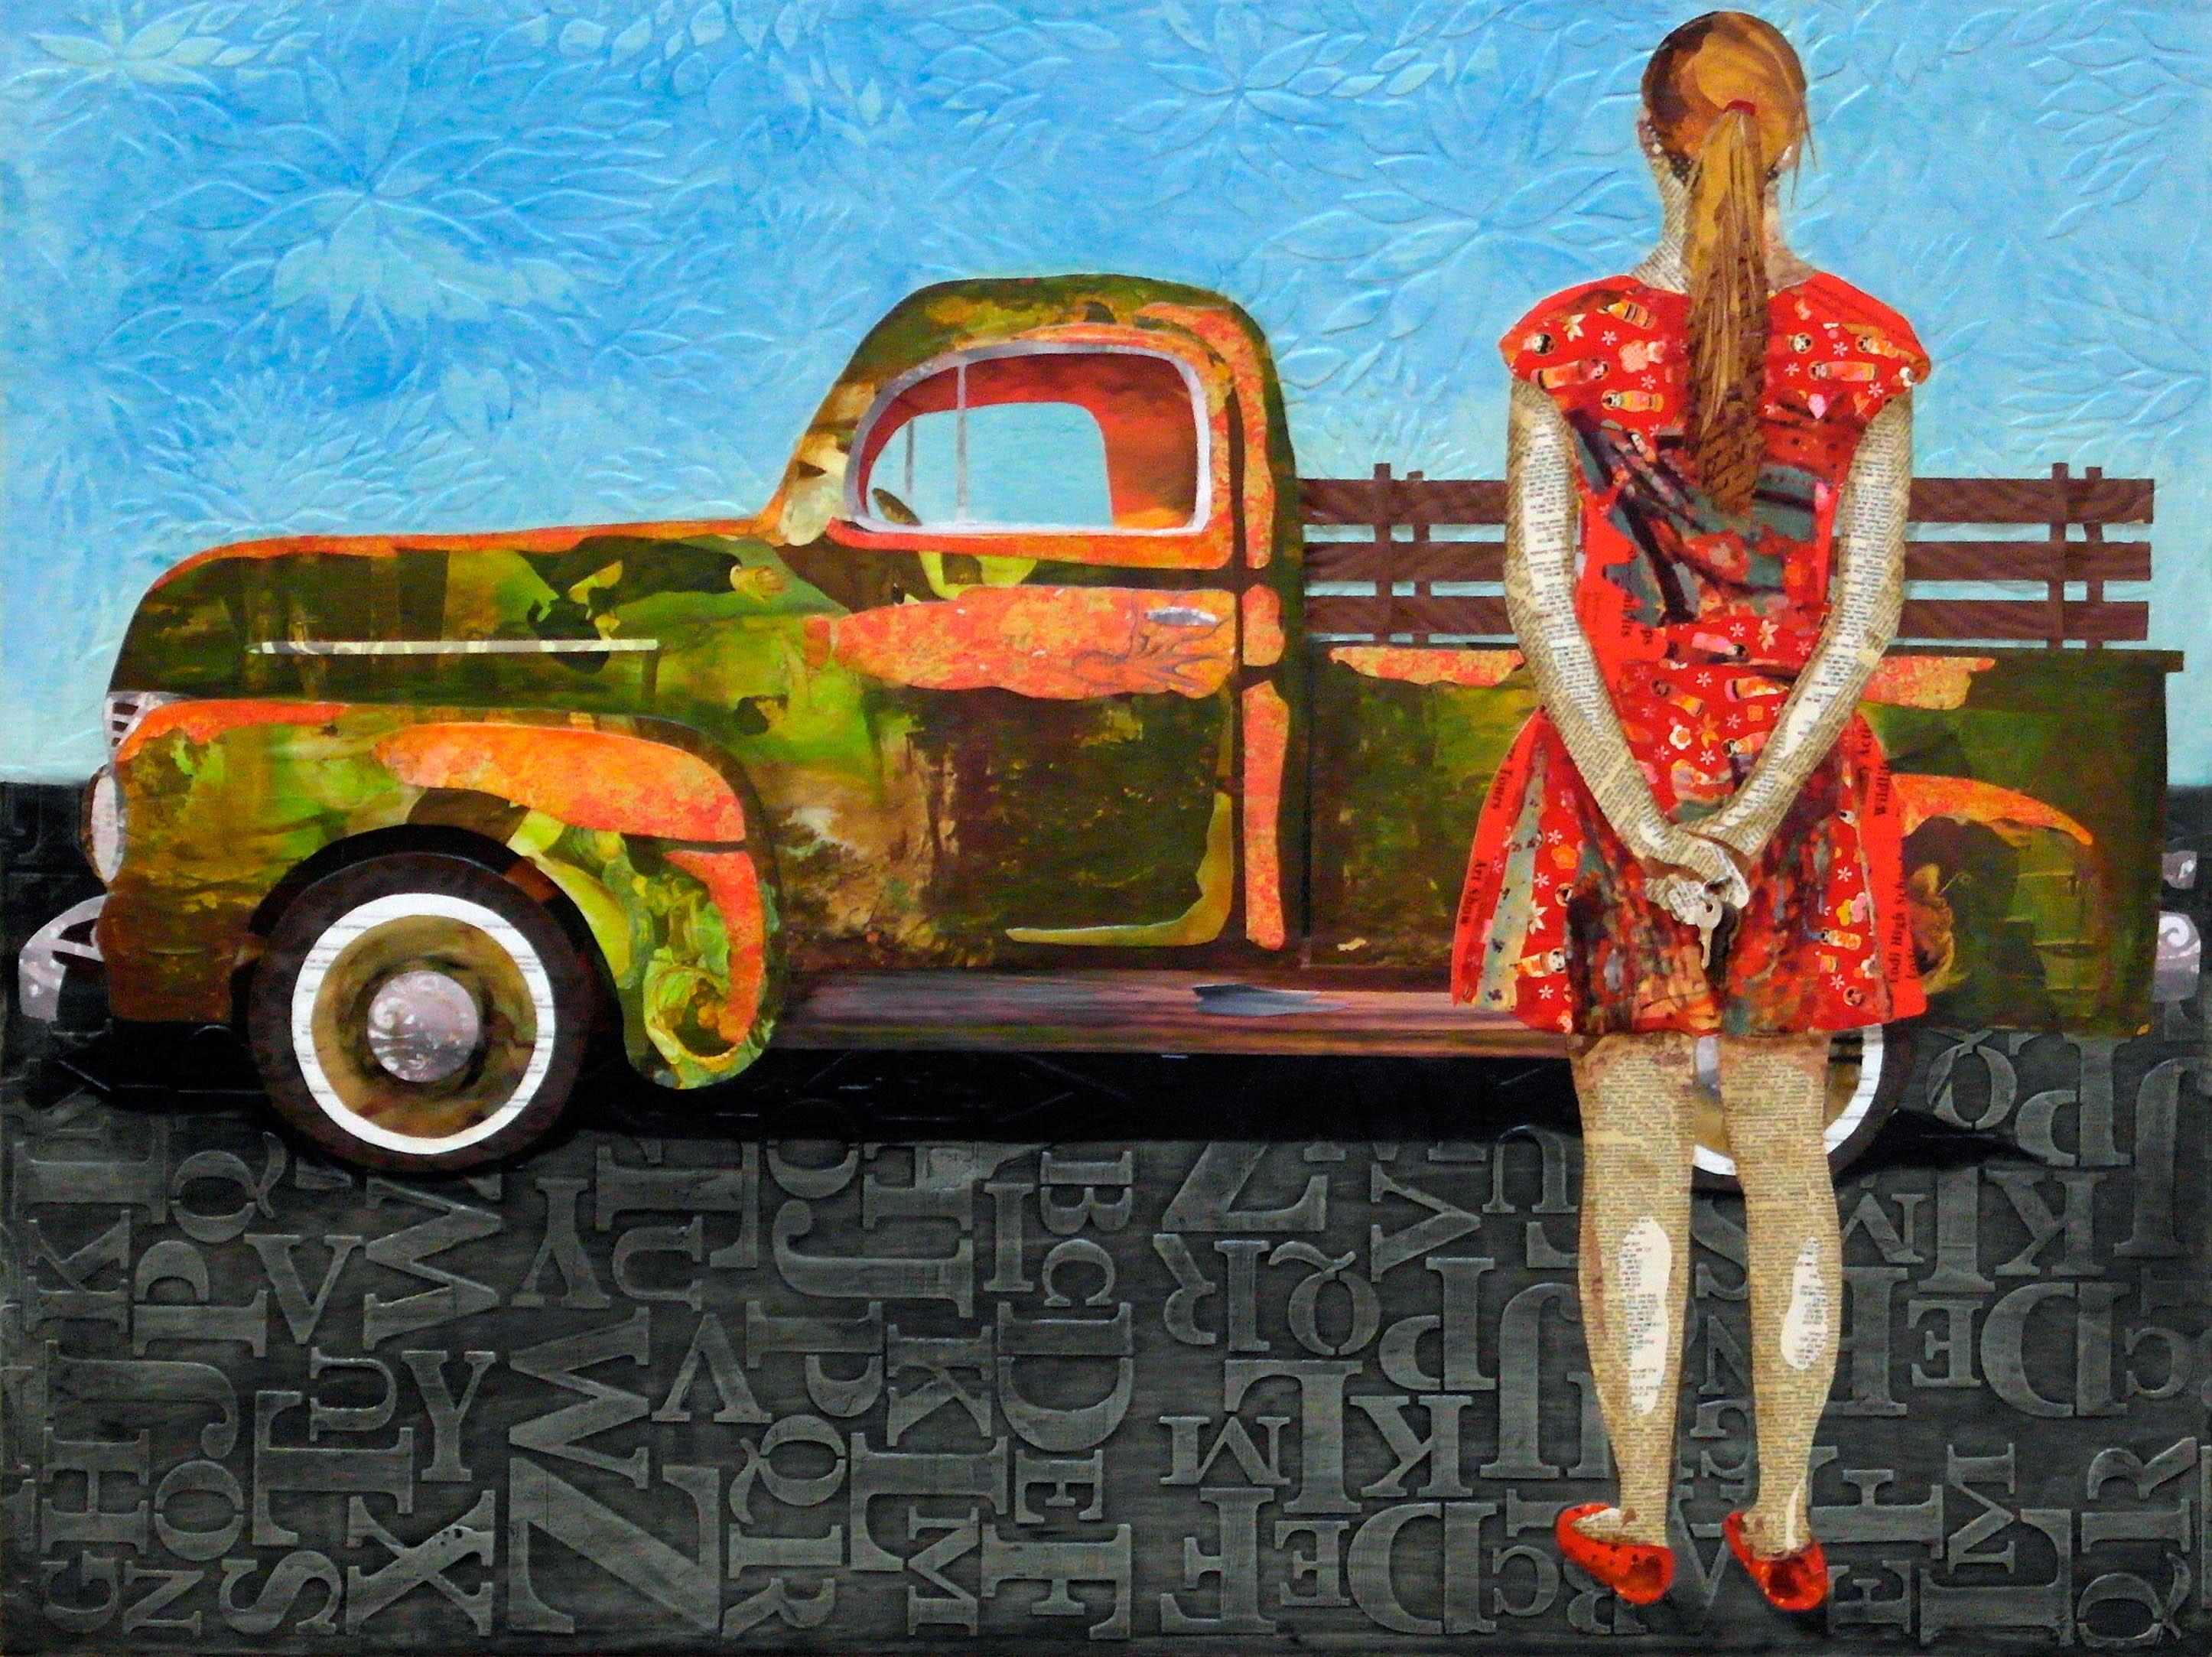 A Girl & A Truck